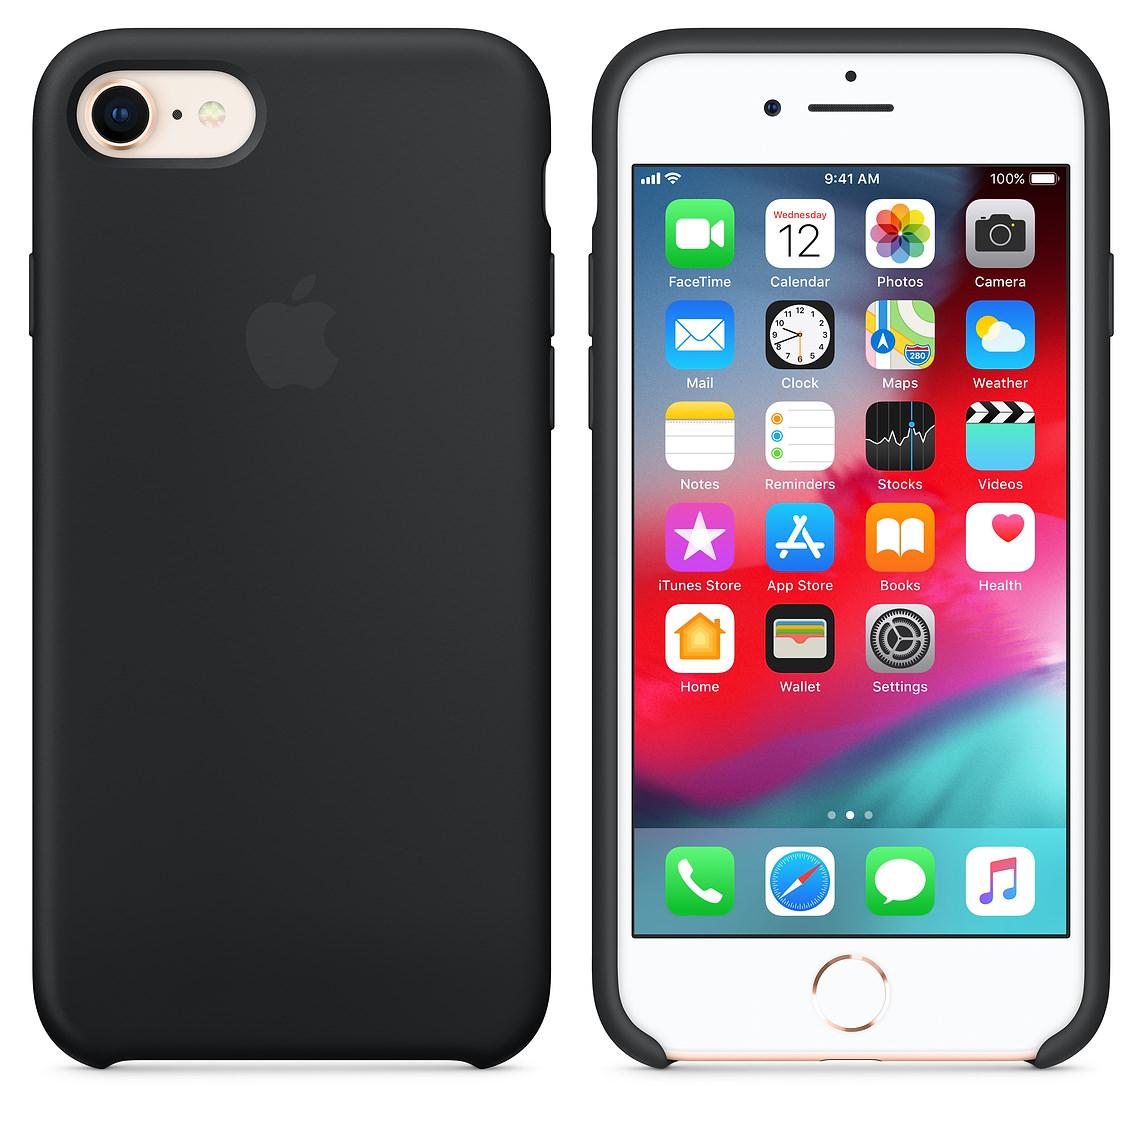 Apple silikónový obal pre iPhone SE 2020 - čierny 3